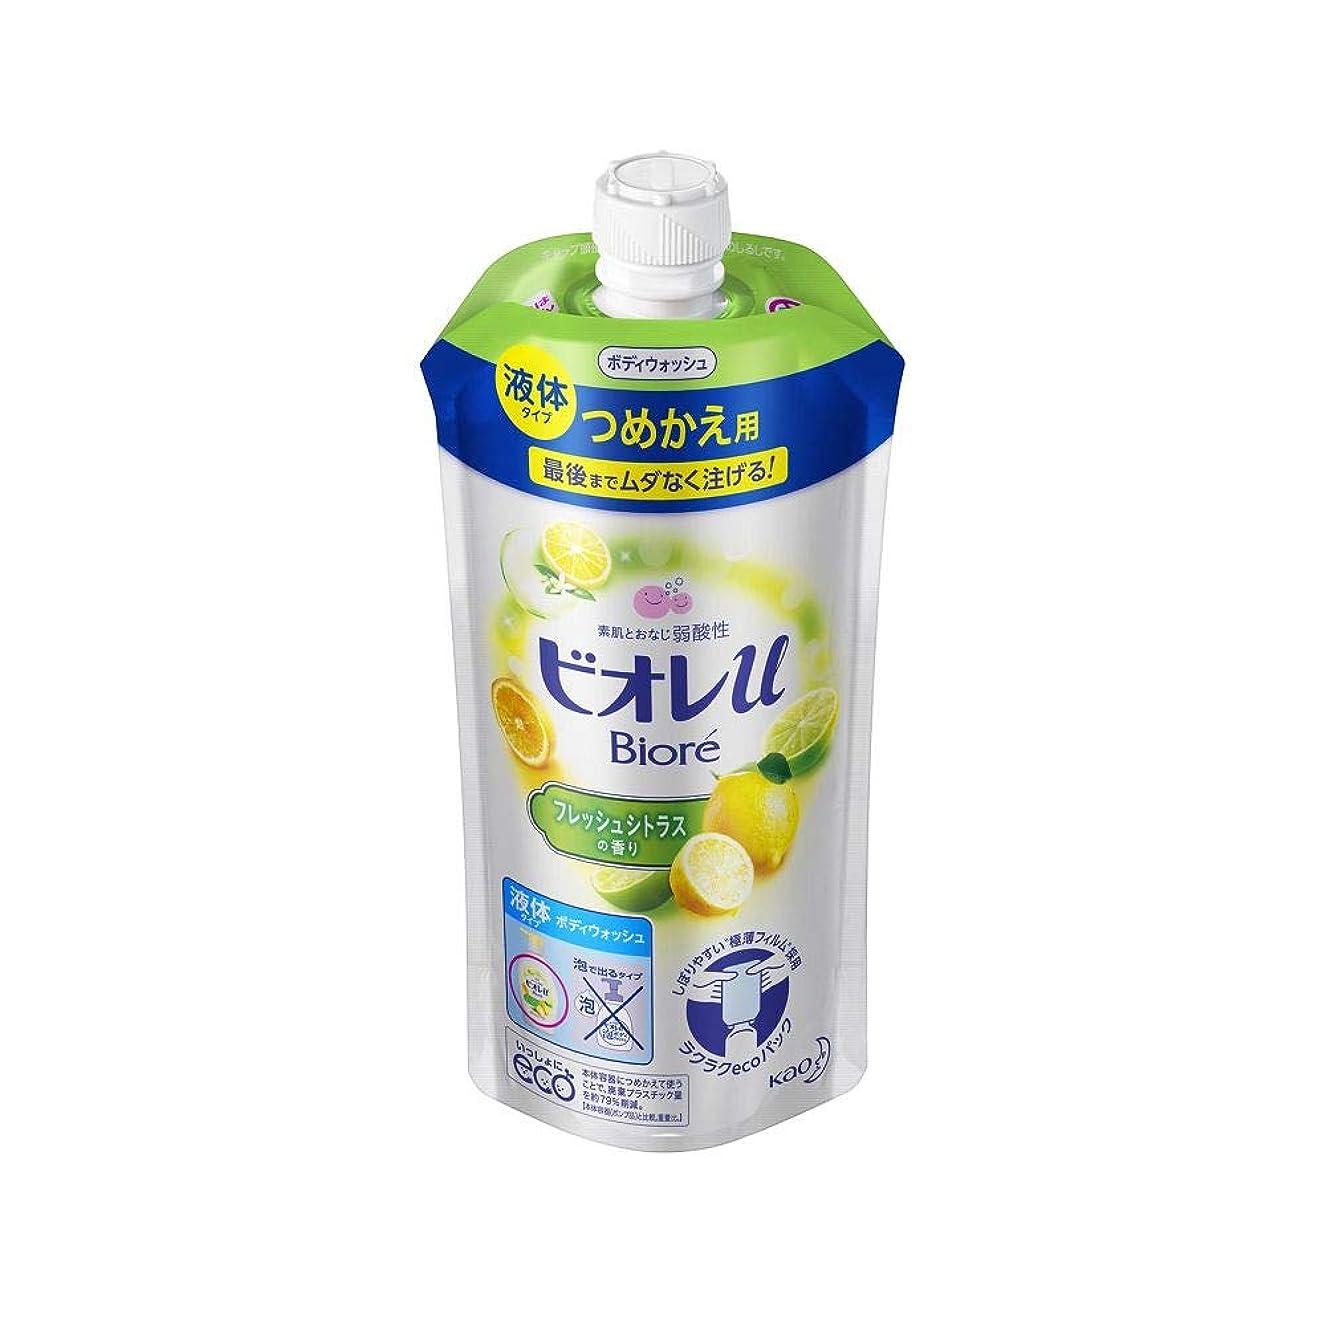 コショウペンフレンド火星花王 ビオレu フレッシュシトラスの香りつめかえ用 340ML